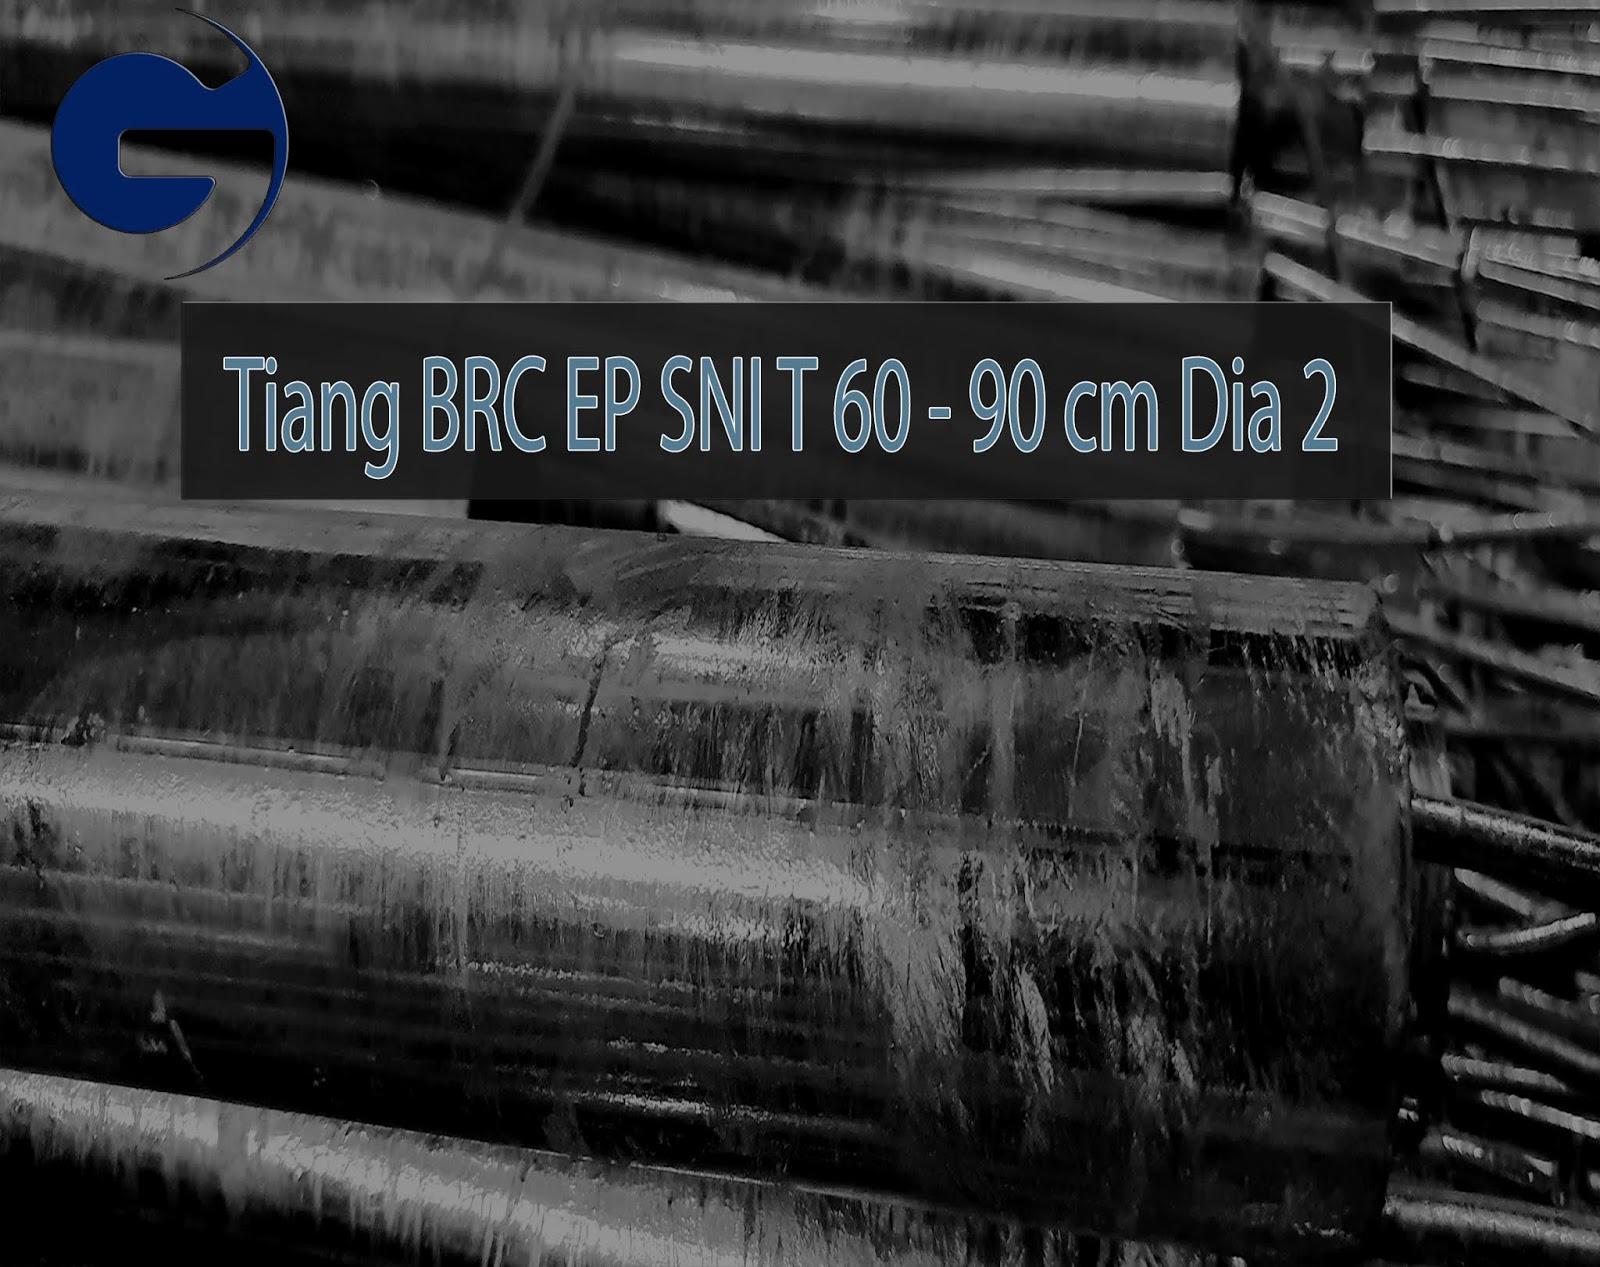 Jual Tiang BRC EP SNI T 90 CM Dia 2 Inch